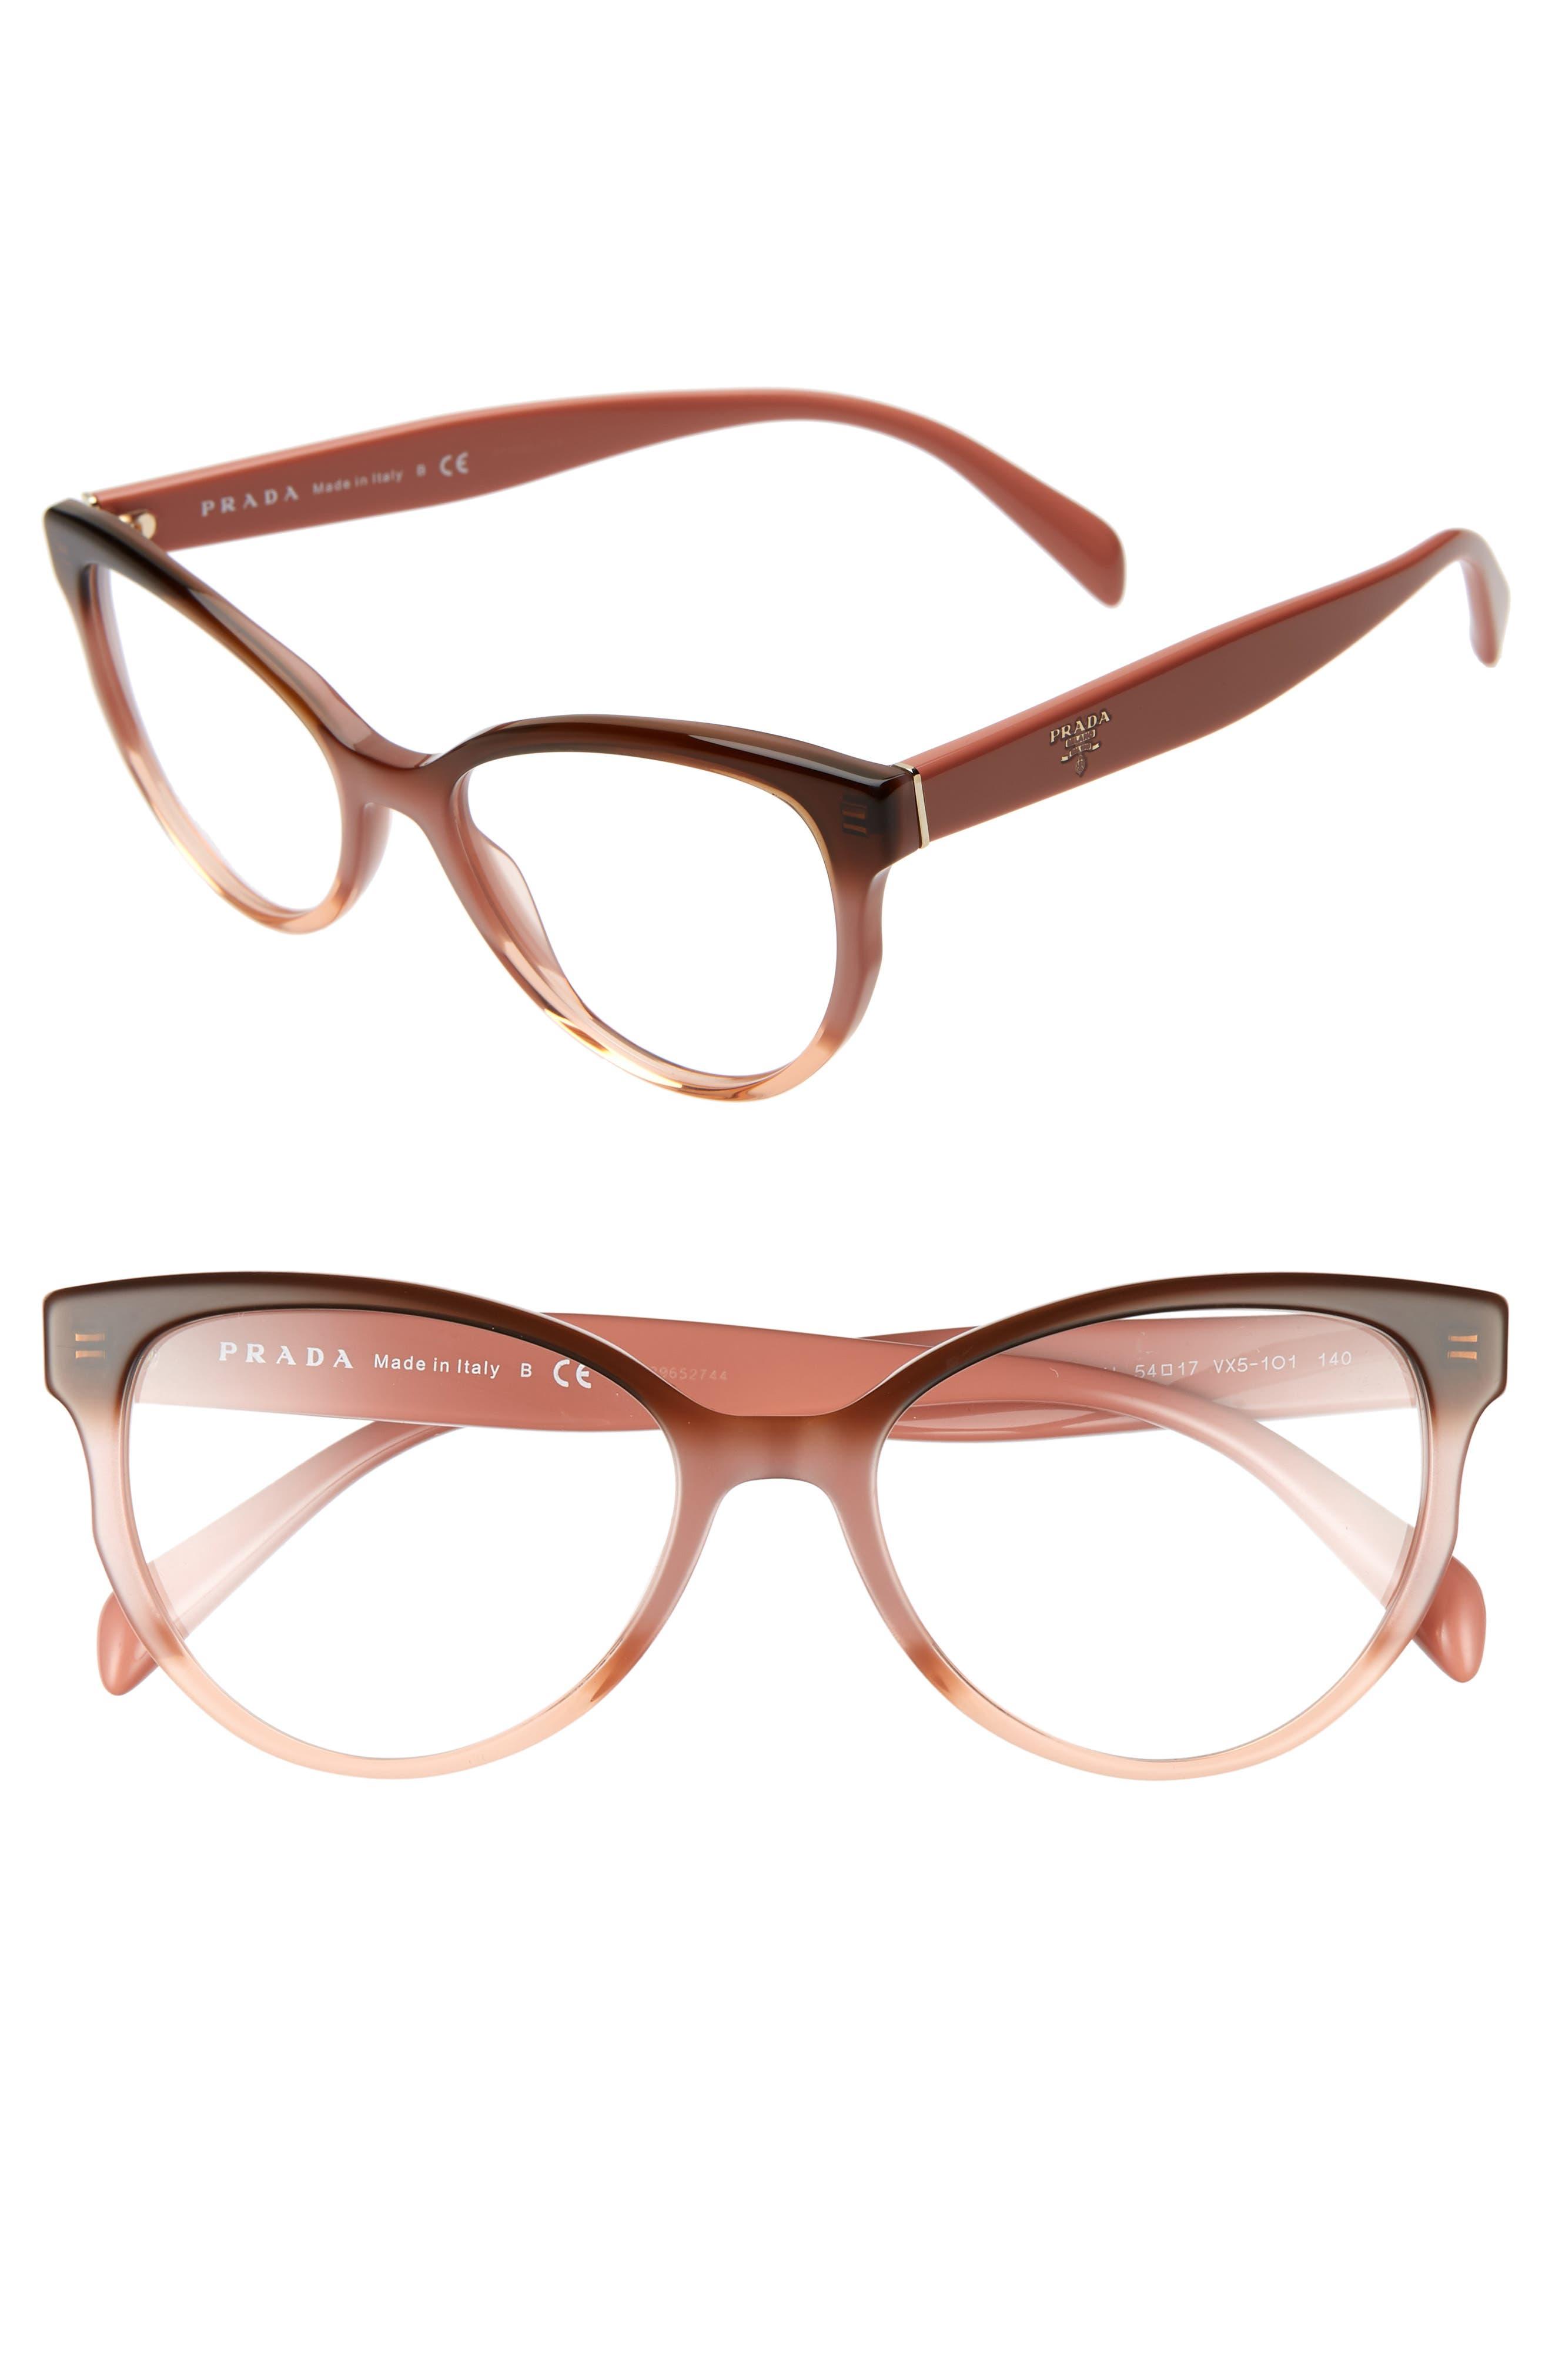 PRADA,                             54mm Cat Eye Optical Glasses,                             Main thumbnail 1, color,                             200